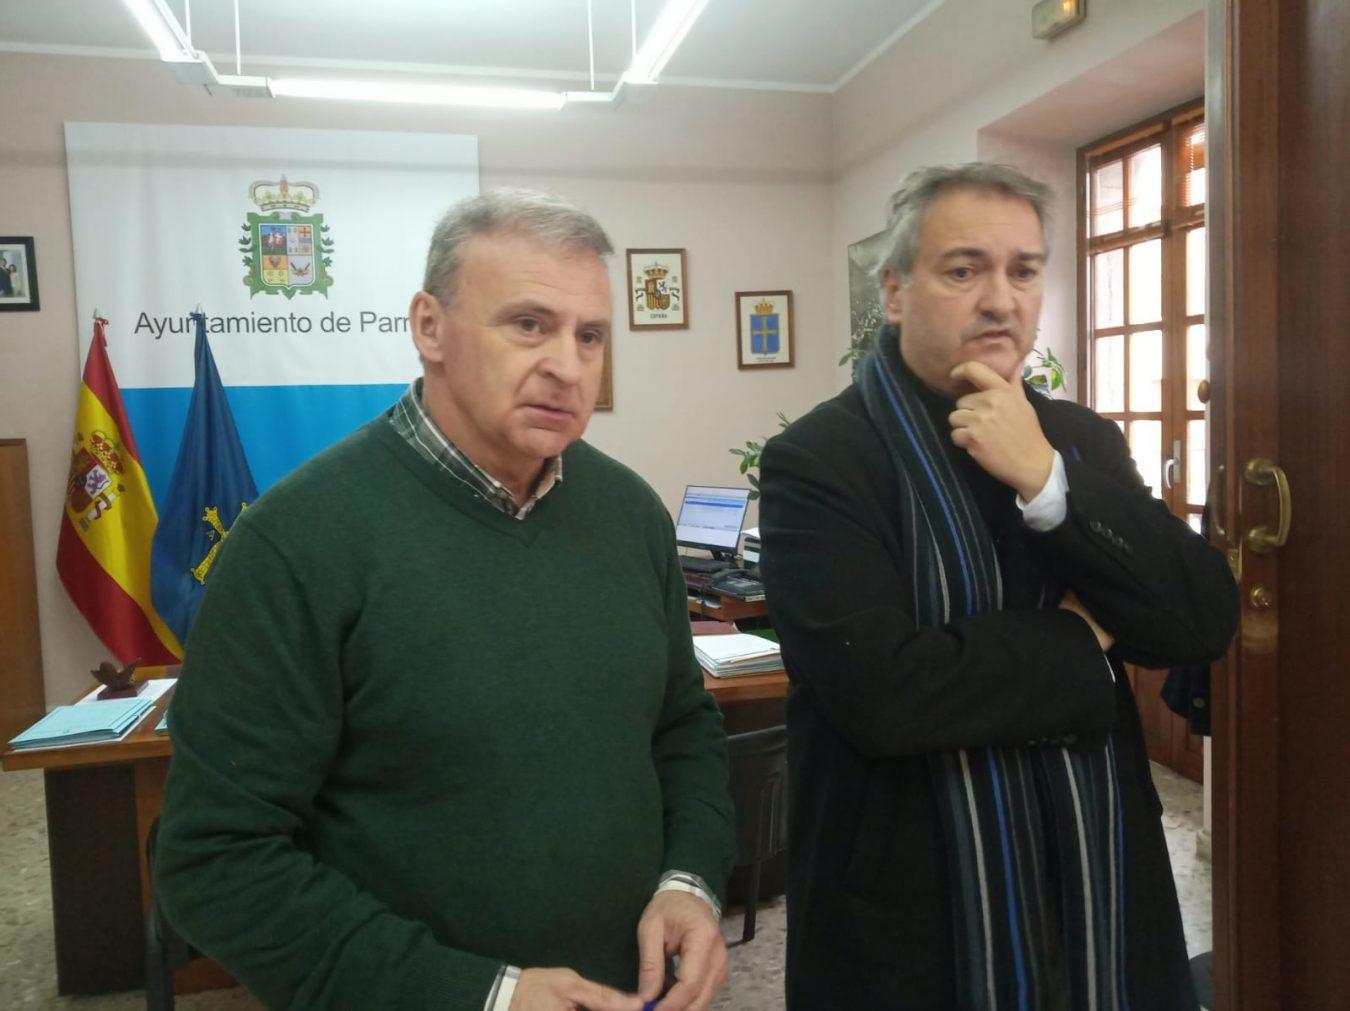 El Principado entrega una vivienda pública en régimen de alquiler en la localidad de Arriondas